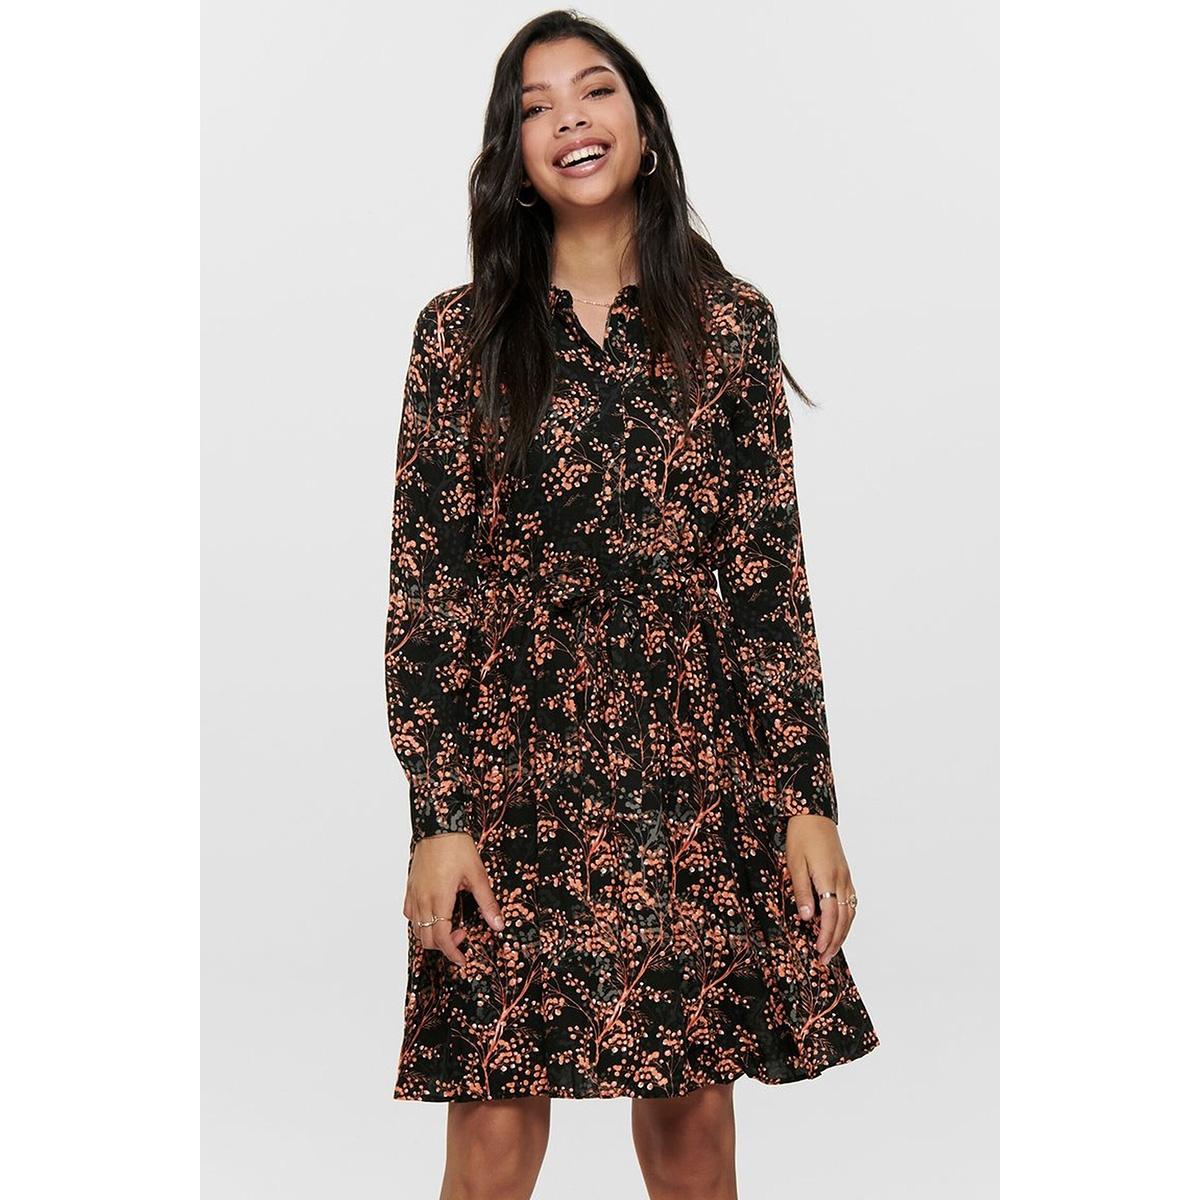 jdytrista l/s dress wvn exp 15186829 jacqueline de yong jurk black/autumn lea